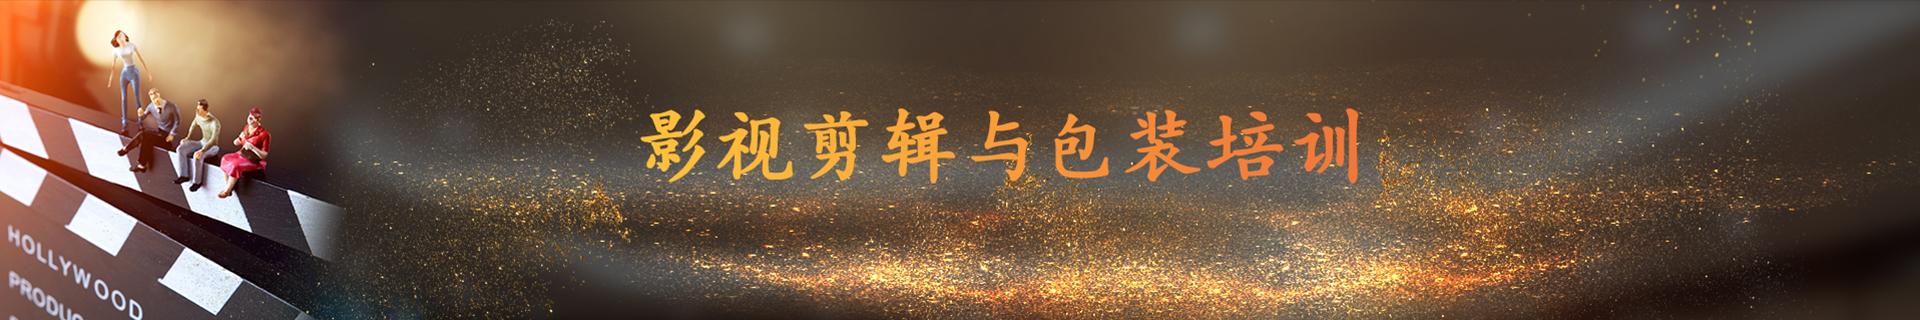 北京海淀区火星时代教育机构